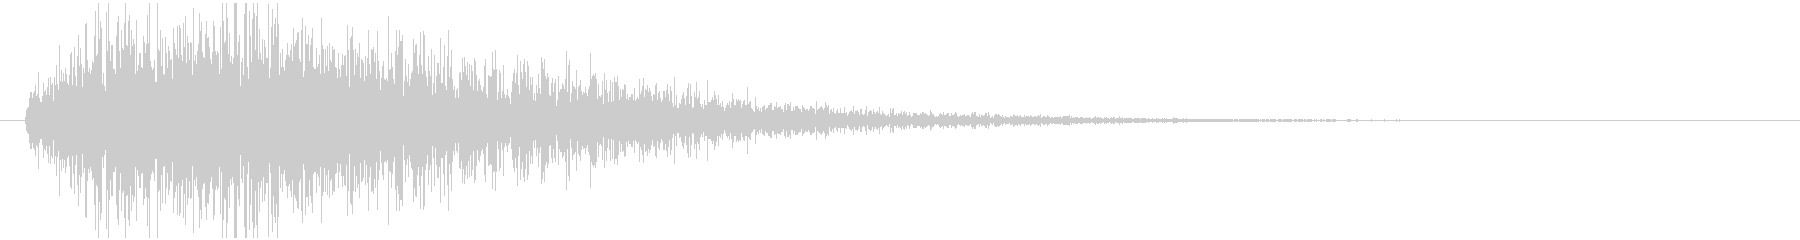 クイズ出題音(デデン!)の未再生の波形